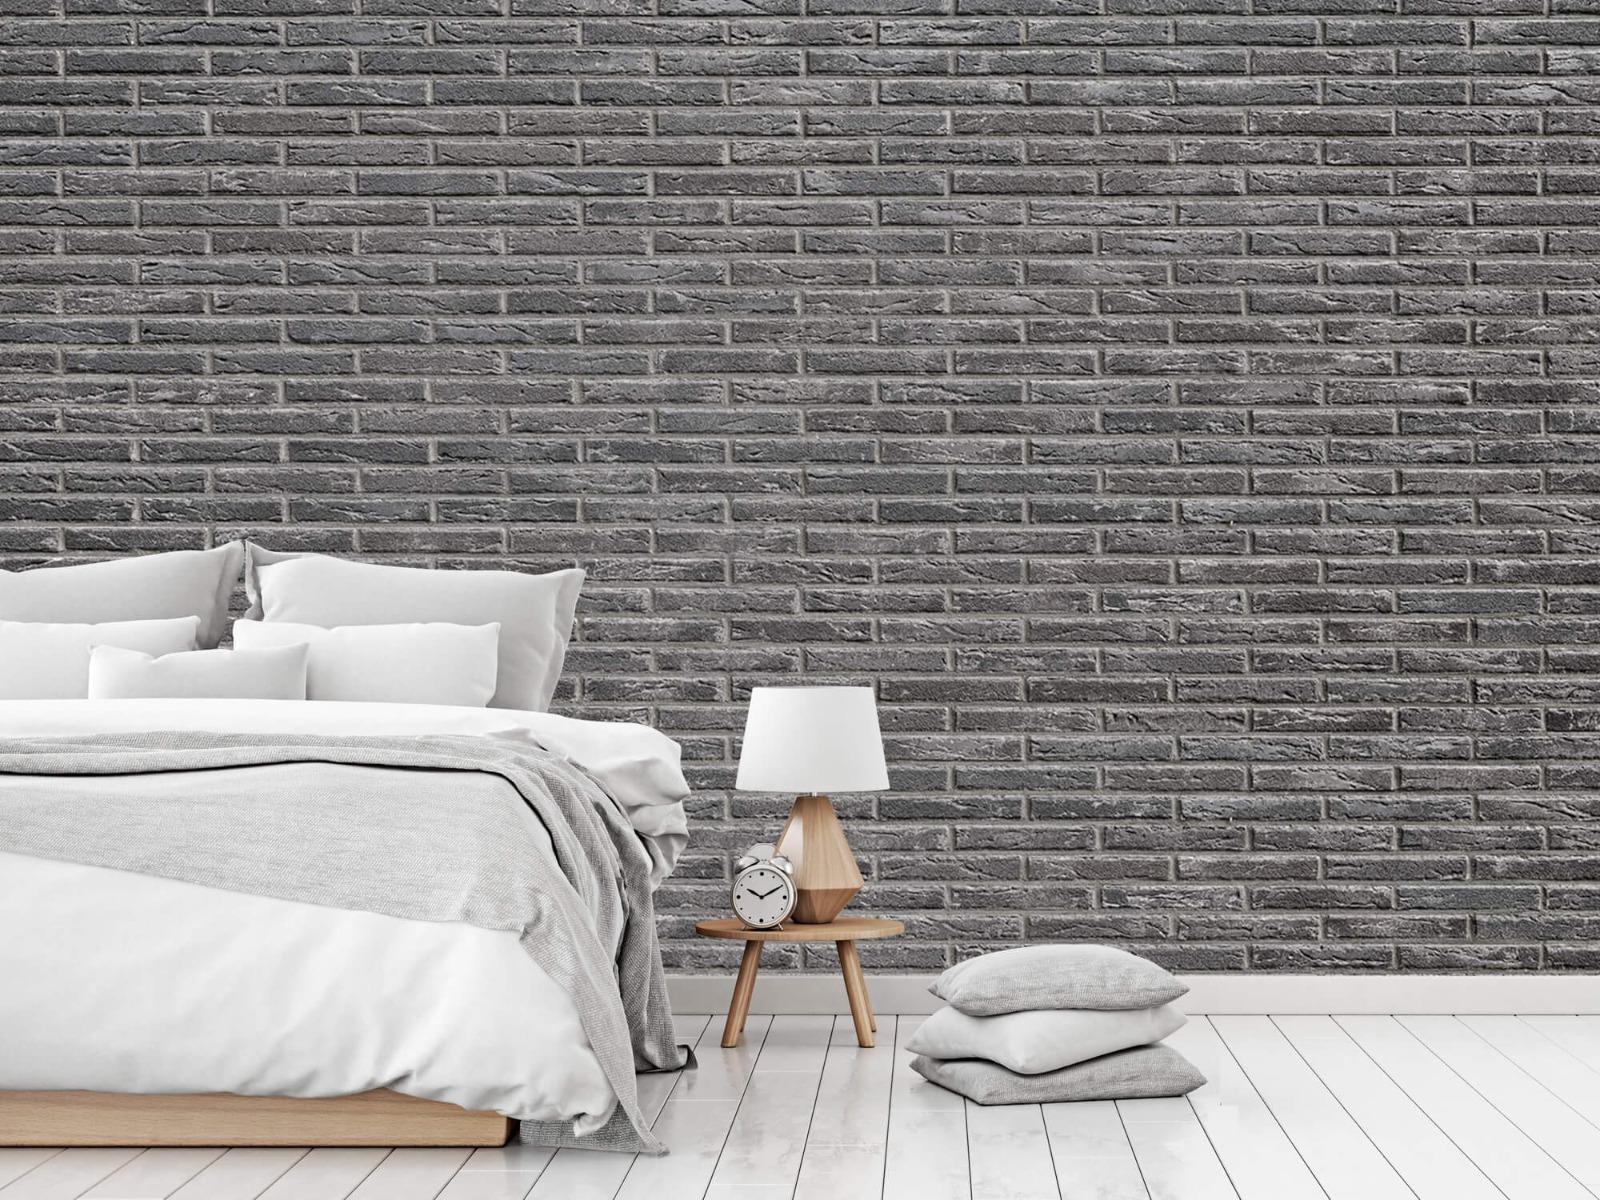 Steen behang - Grijze bakstenen - Wallexclusive - Slaapkamer 18